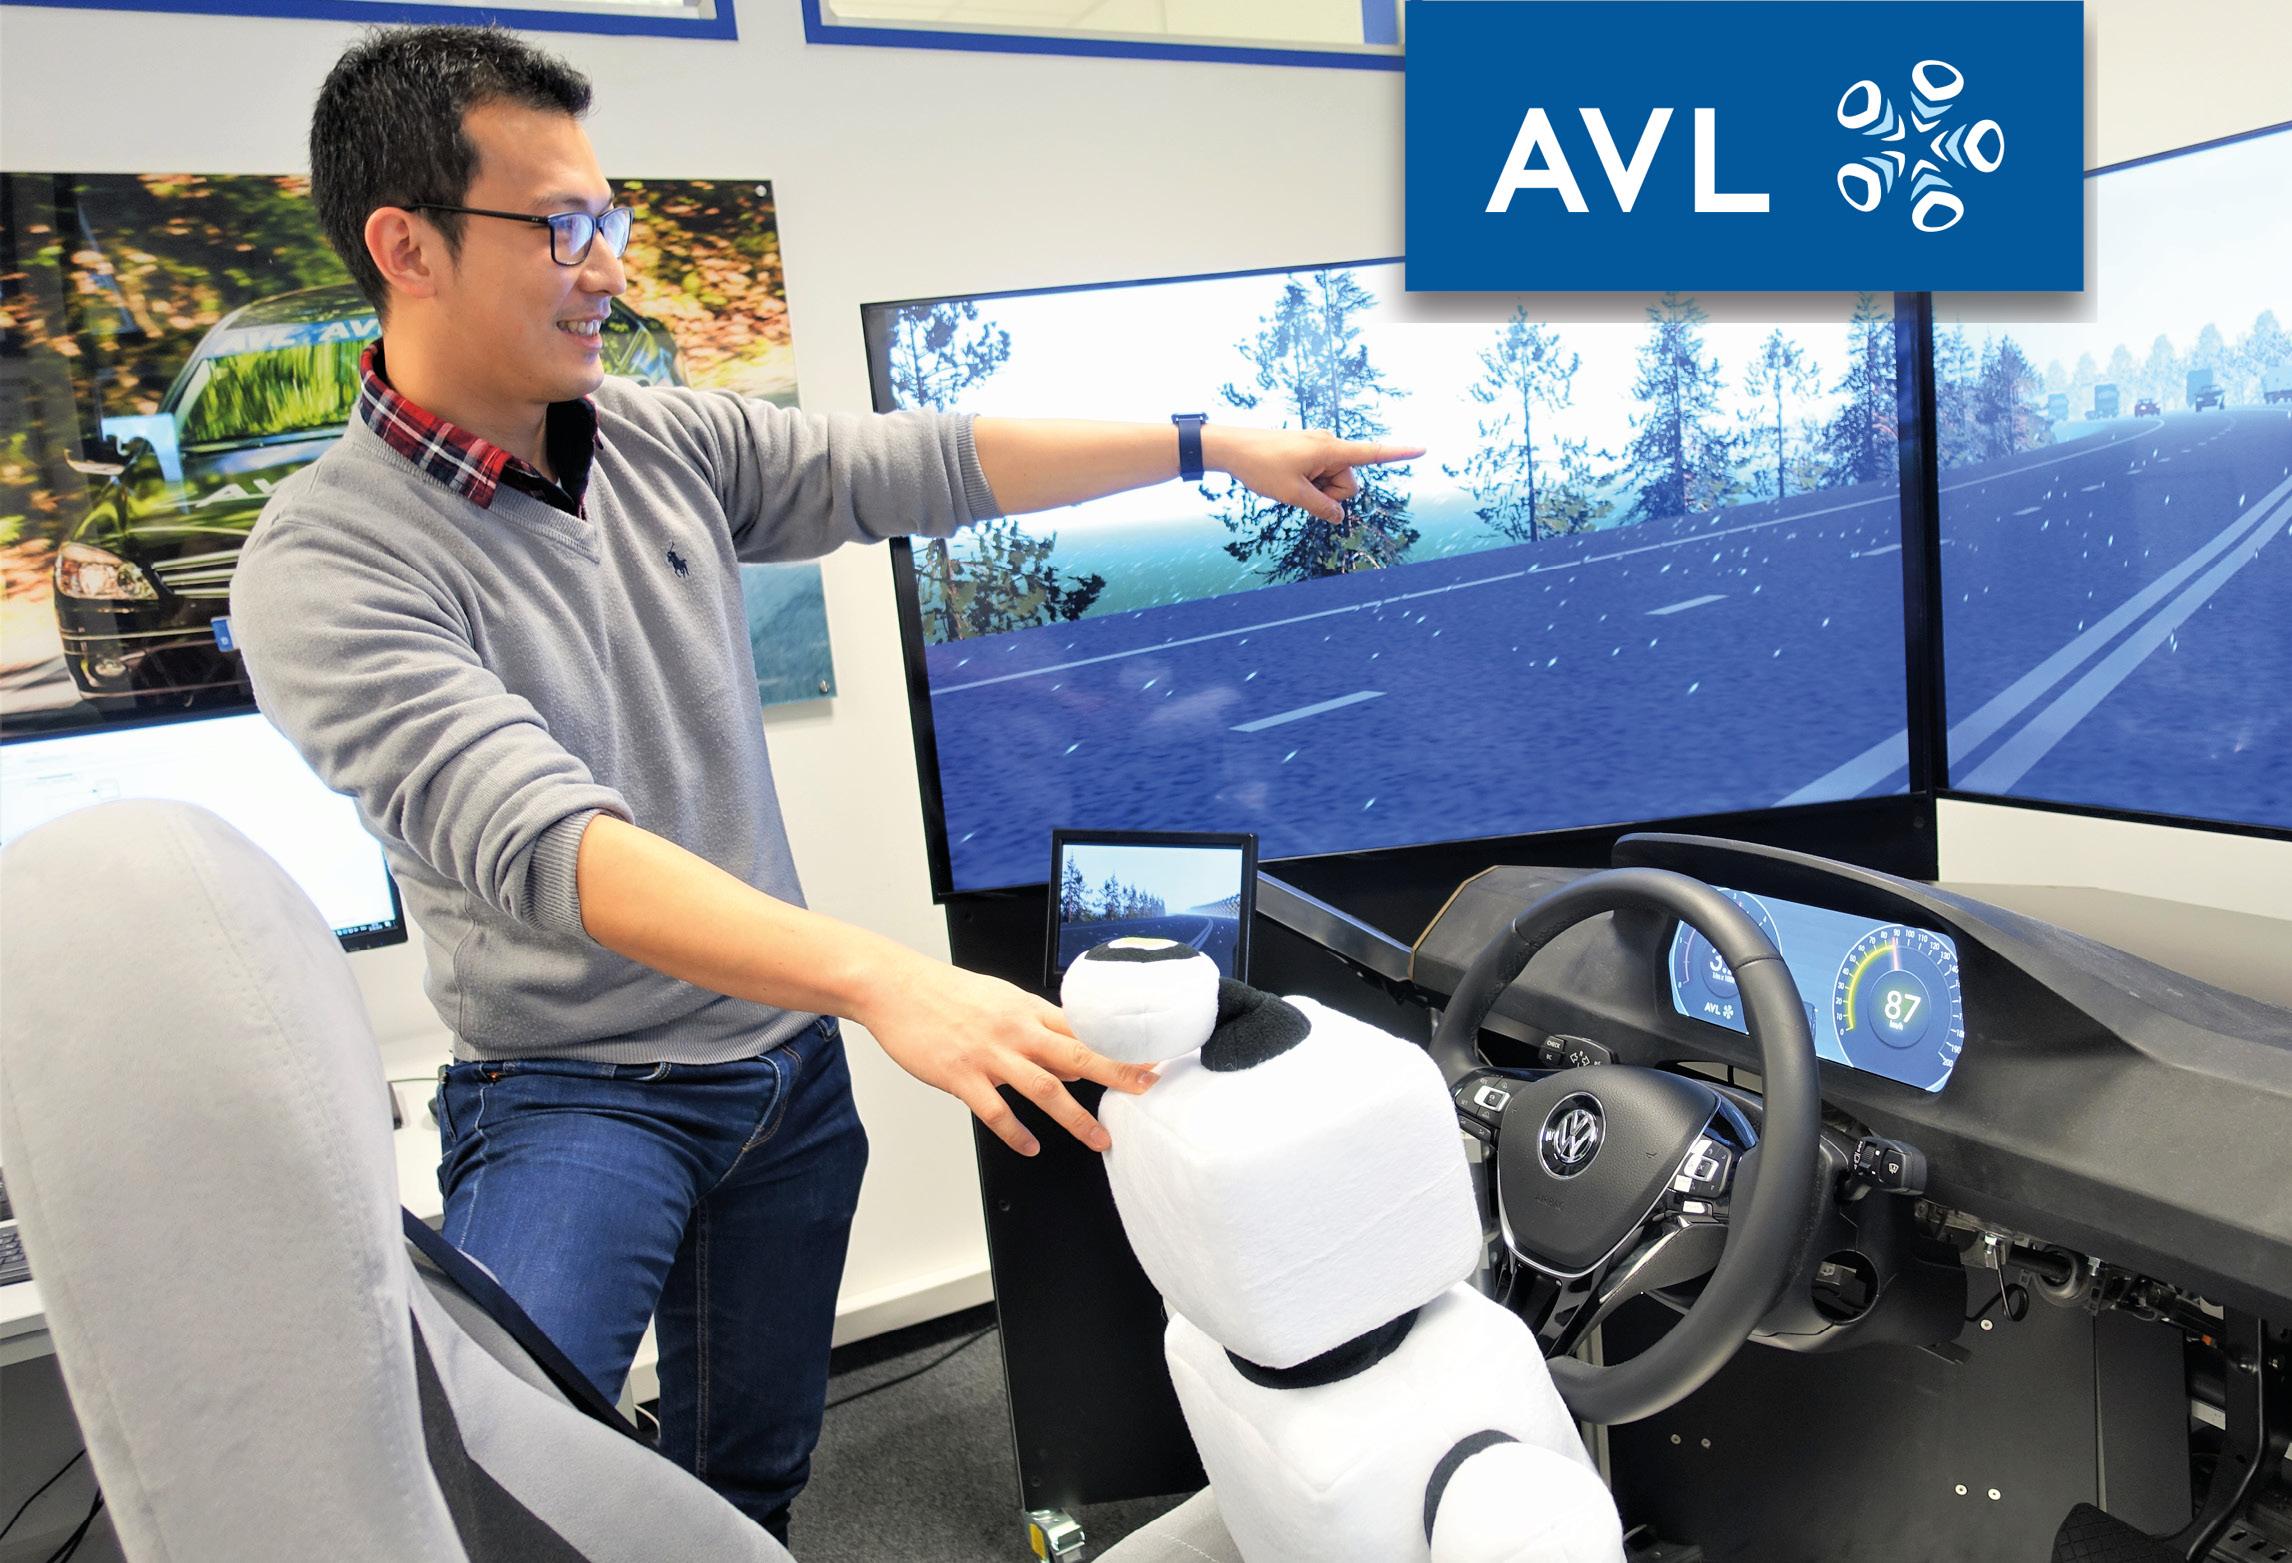 AVL Mitarbeiter mit Innoman im Fahrsimulator